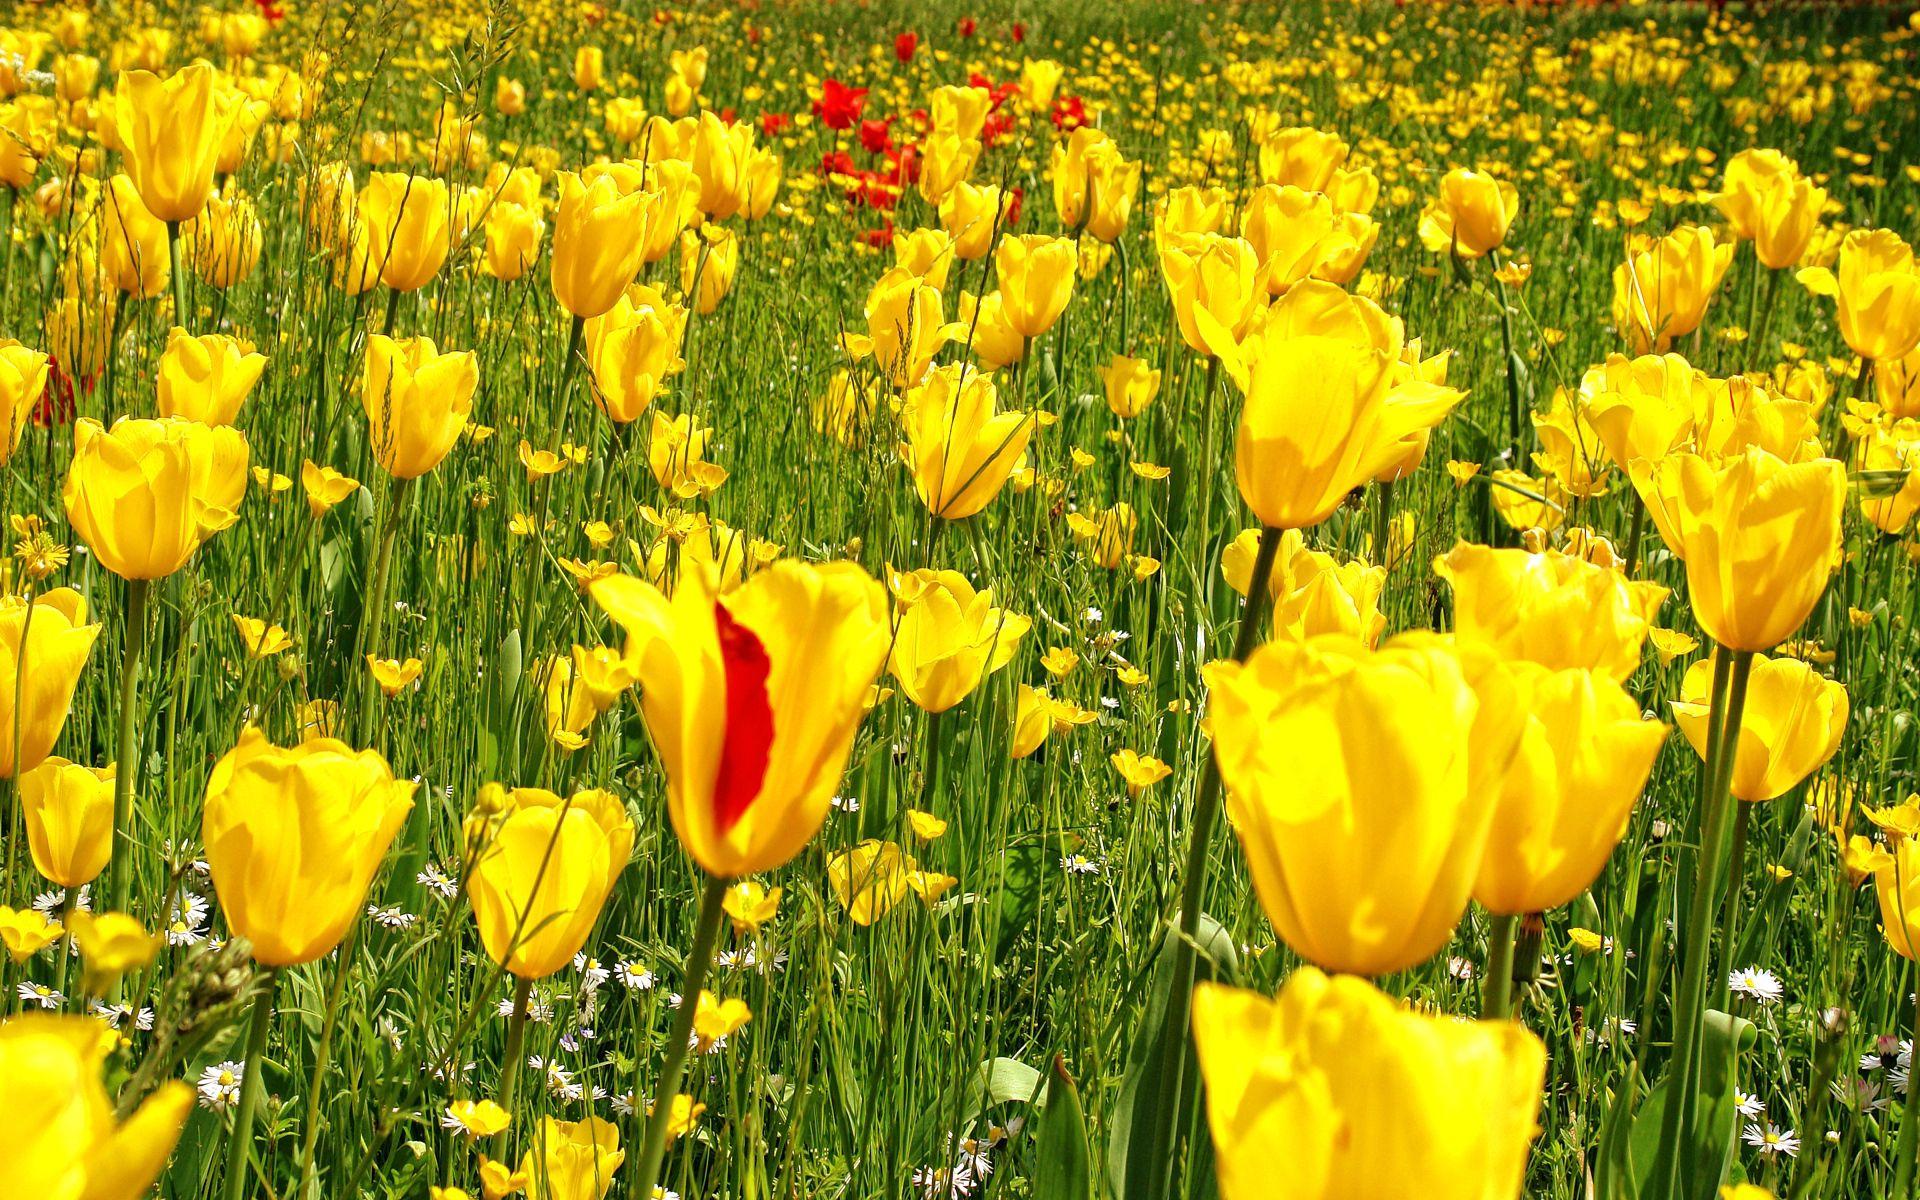 145165 Заставки и Обои Одуванчики на телефон. Скачать Цветы, Ромашки, Одуванчики, Луг, Трава, Природа, Тюльпаны картинки бесплатно